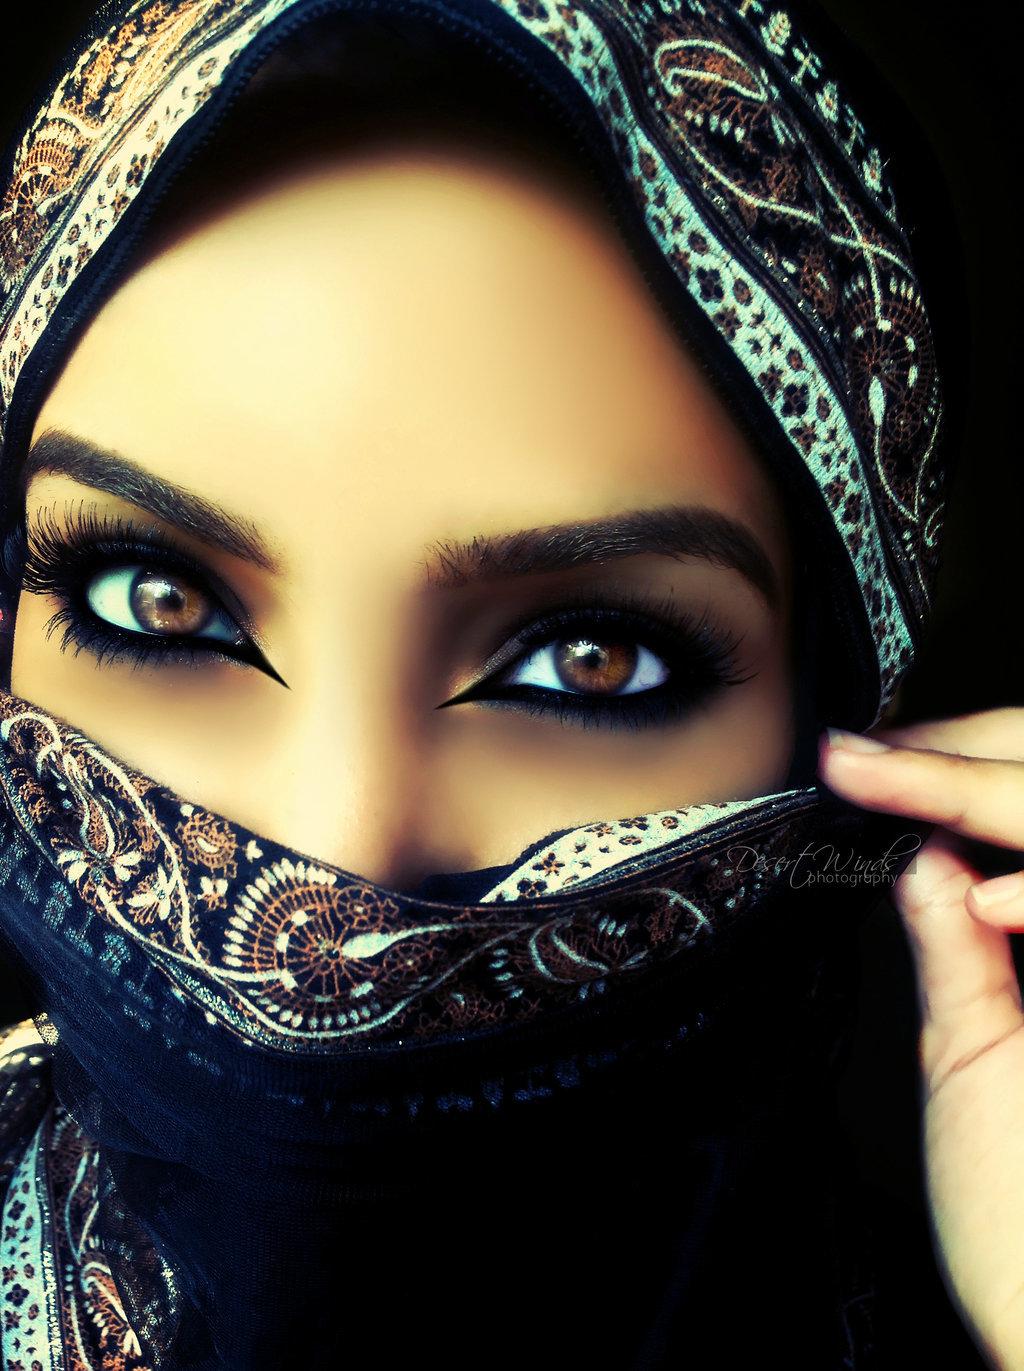 Восточные девушки картинки в платках